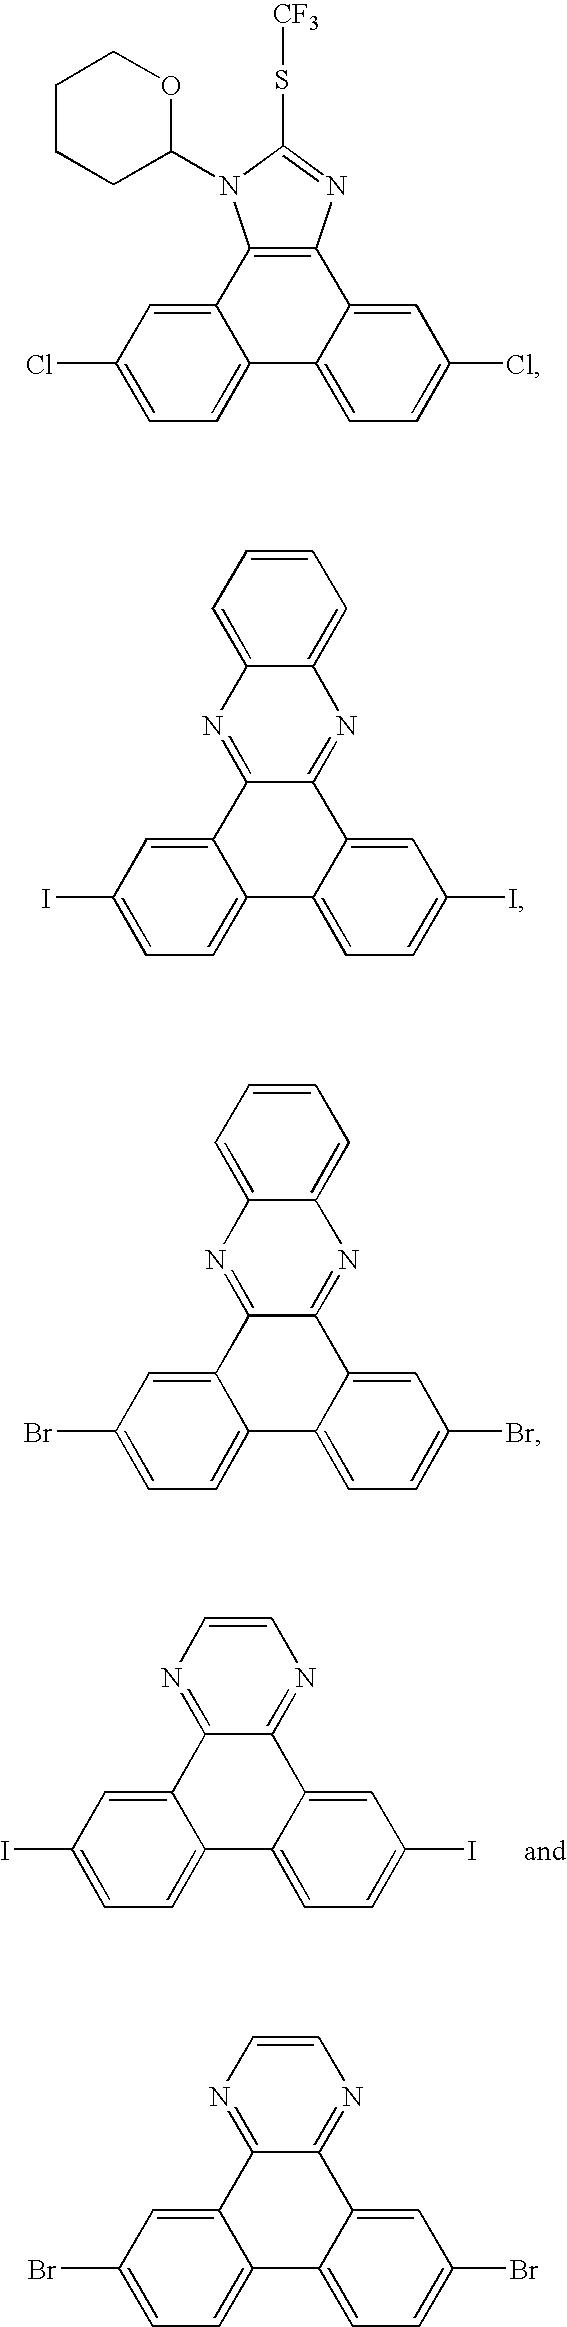 Figure US20090105447A1-20090423-C00283